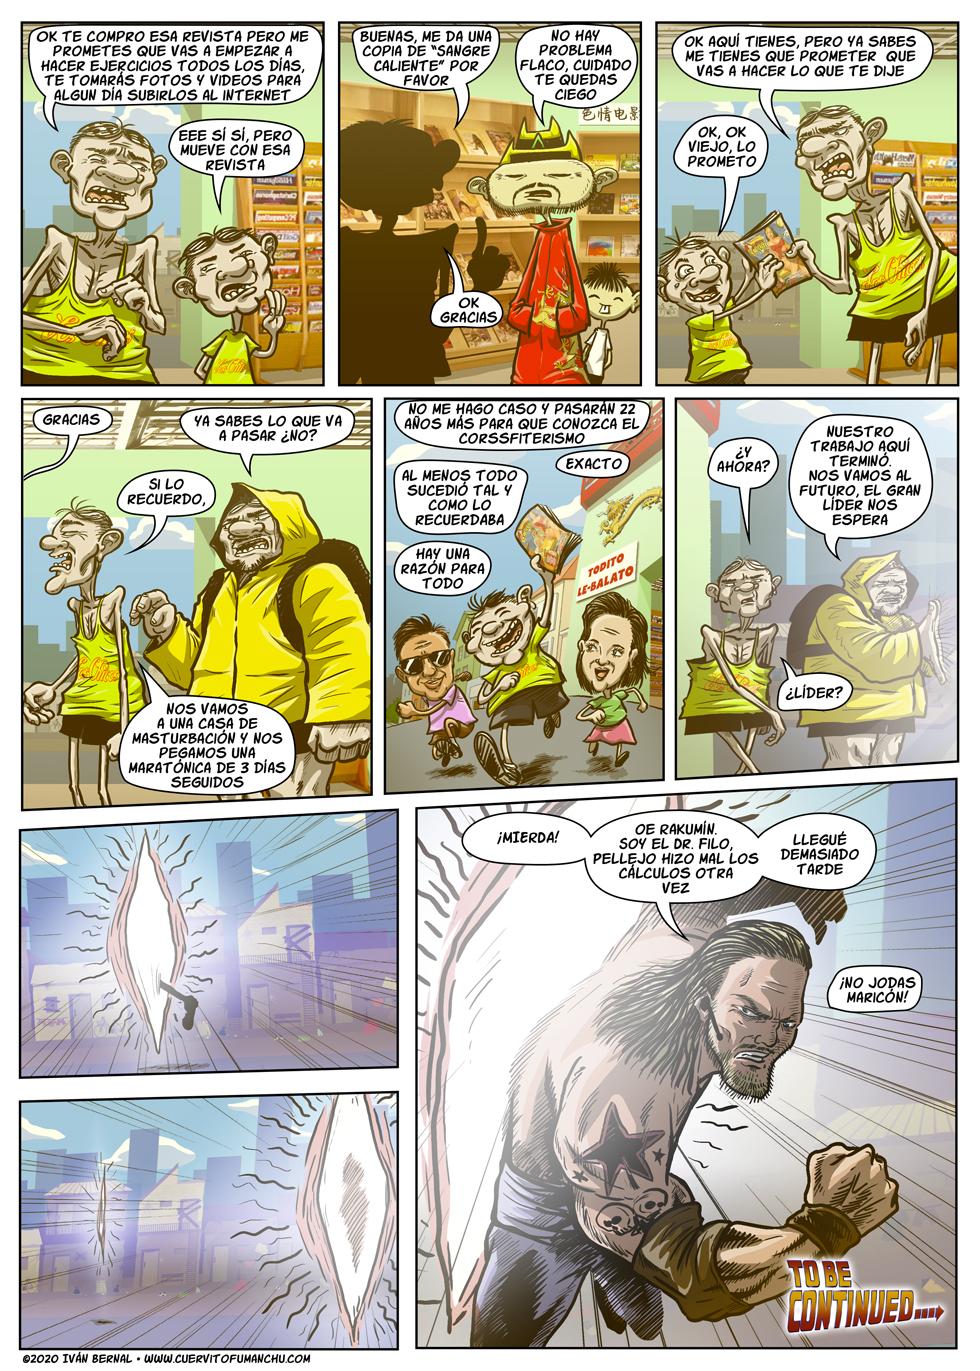 Fumanchu-Webcomic-219